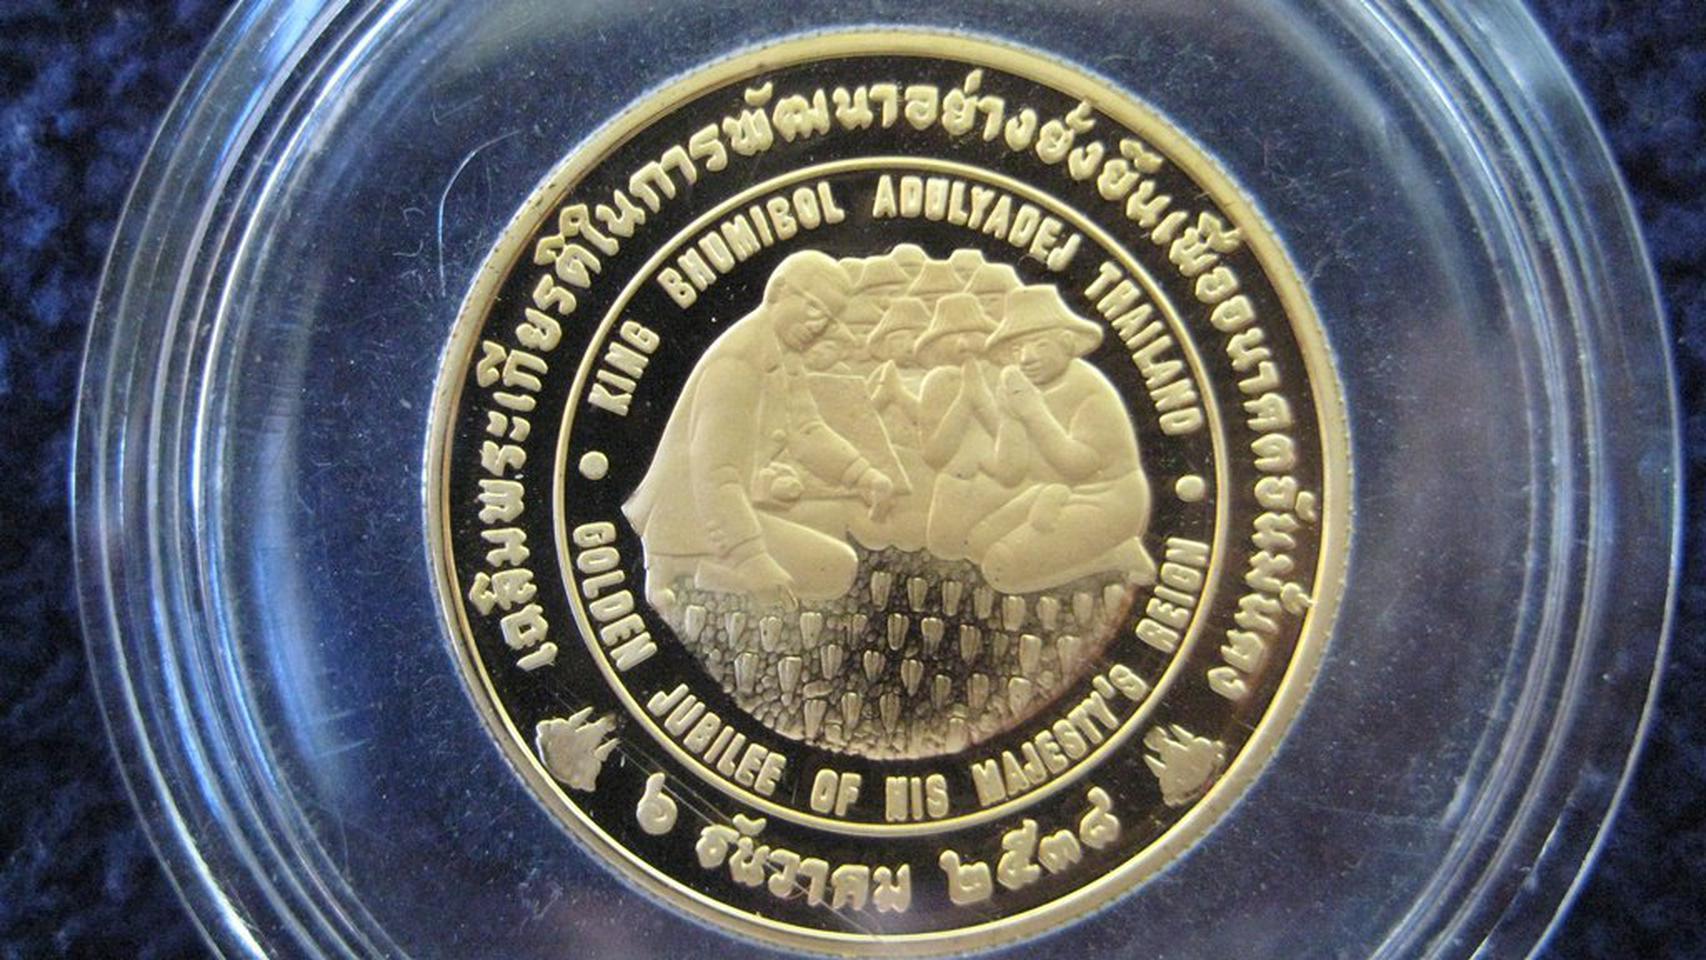 เหรียญกษาปณ์ที่ระลึก ทองคำขัดเงา ชุดอะกริคอลา ปี 2538 (ผลิตประมาณ 2,500 เหรียญเท่านั้น) รูปที่ 2